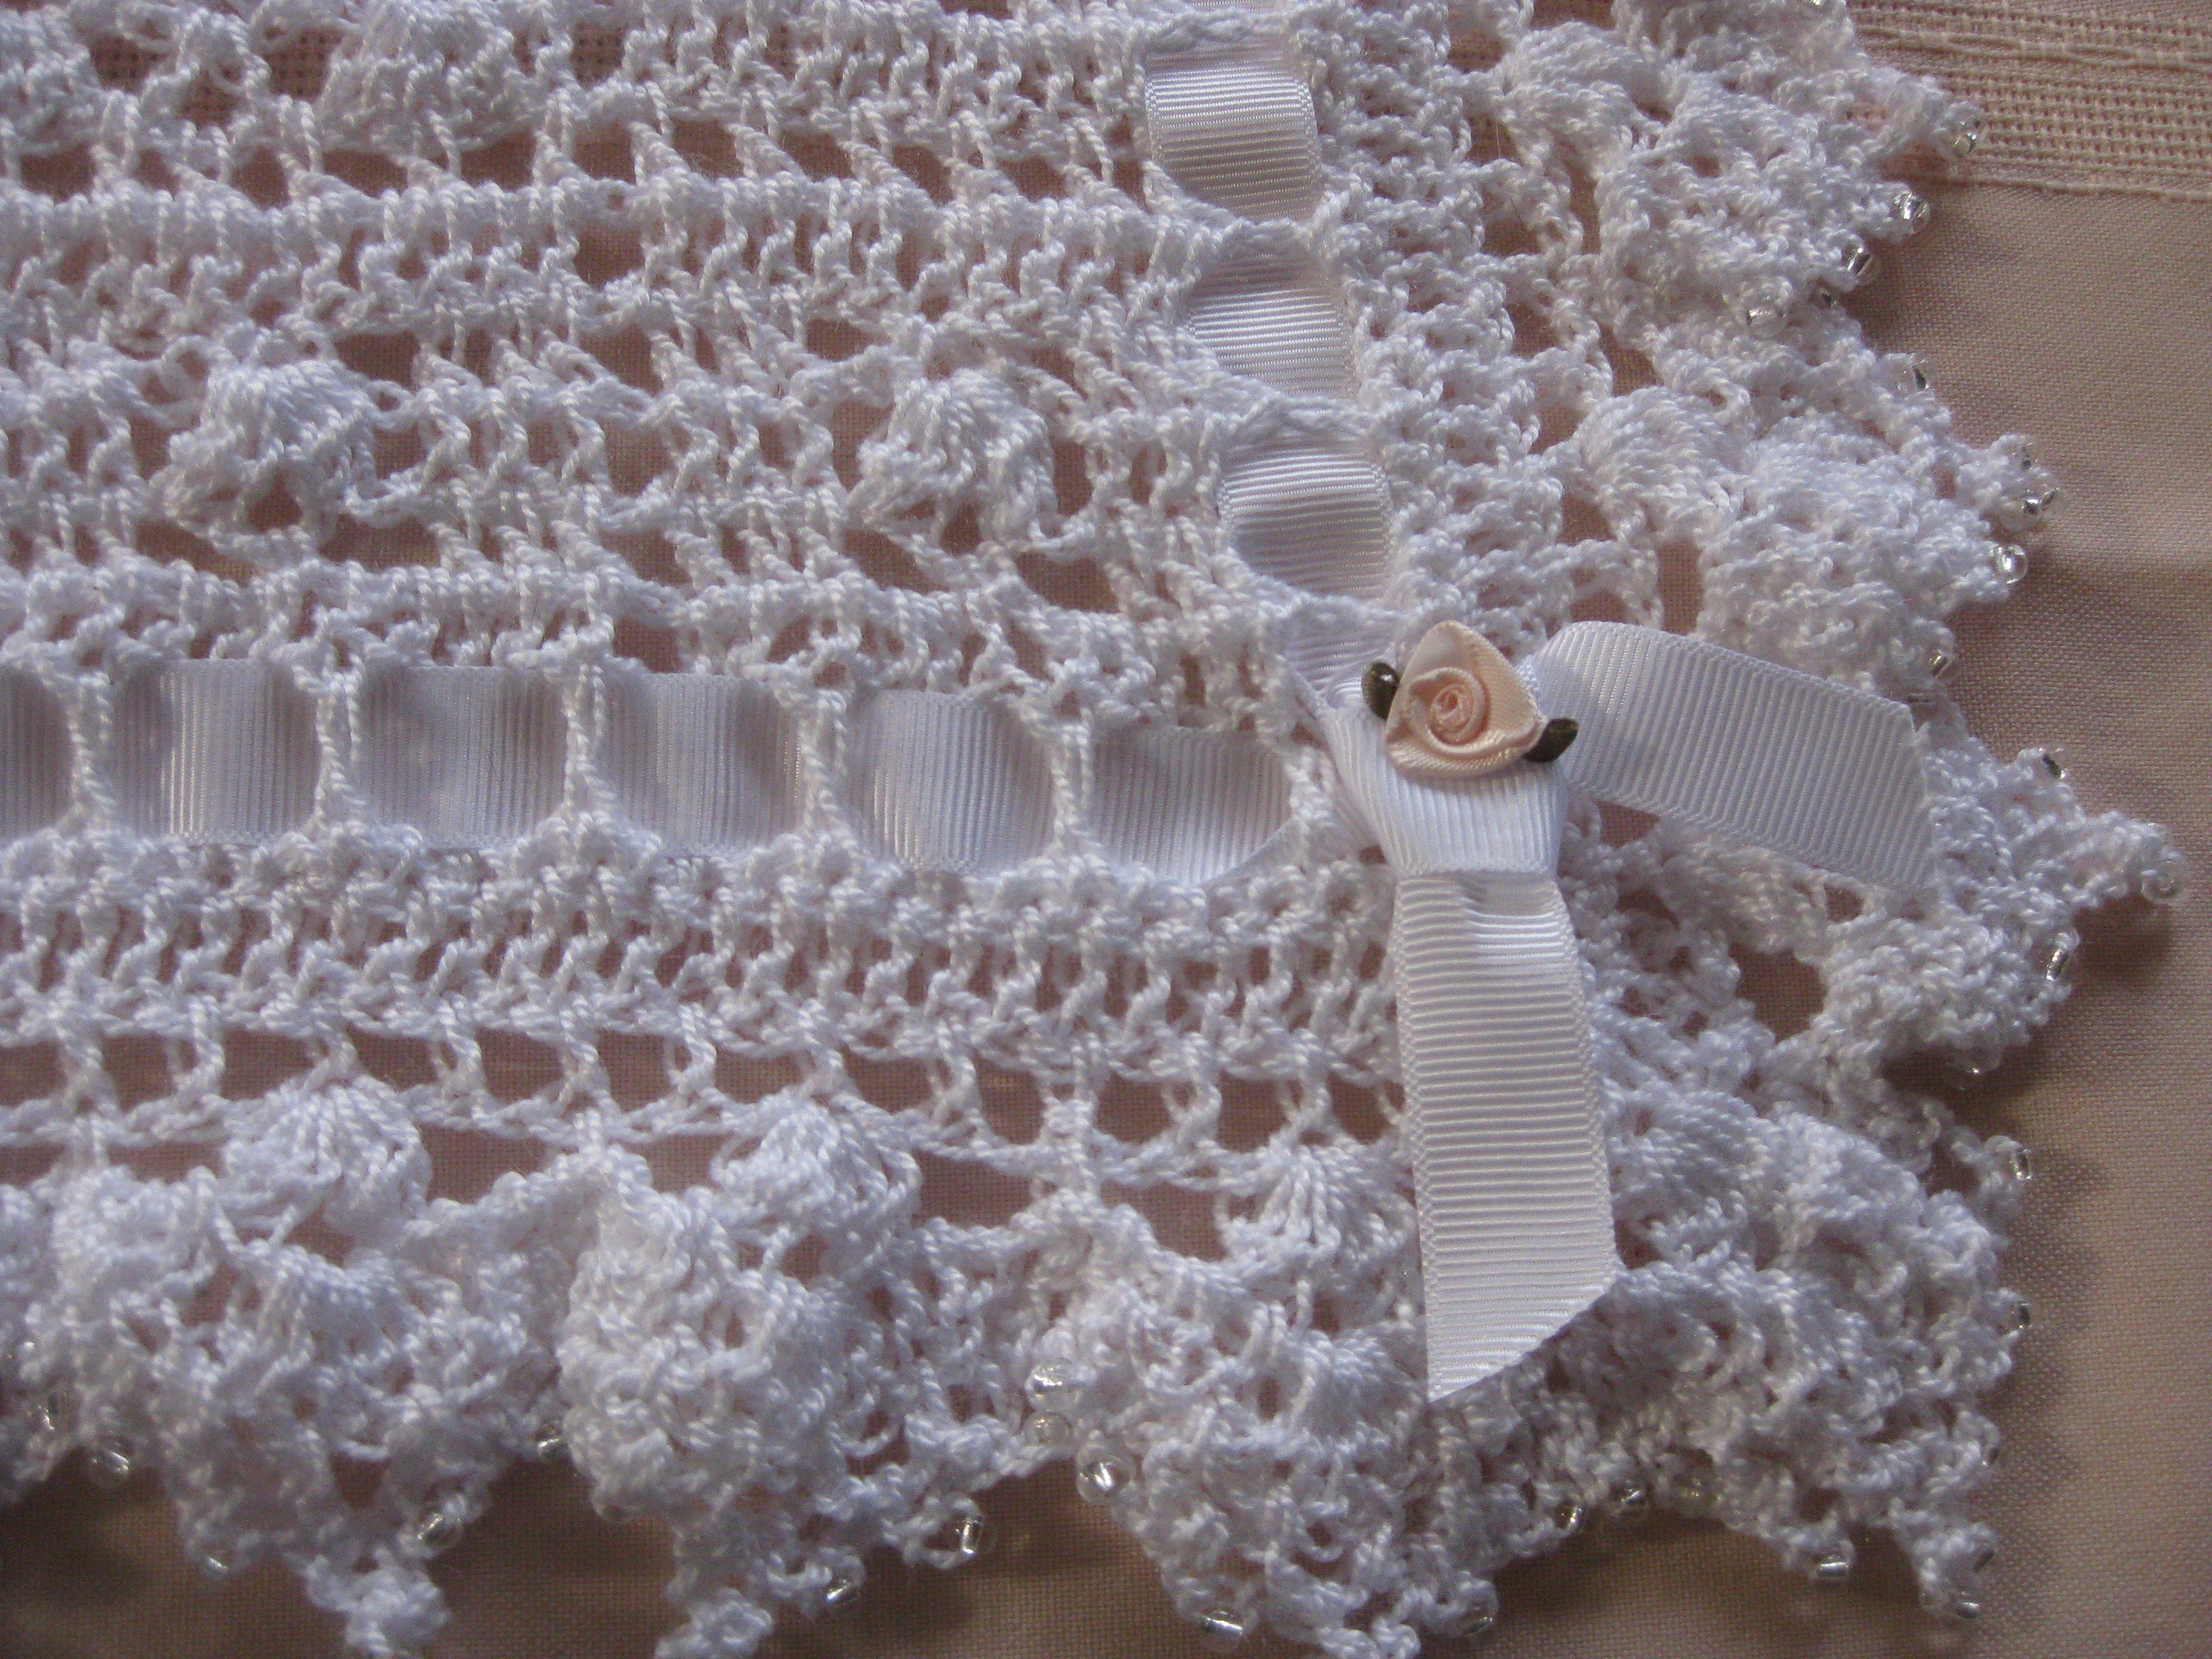 Crochet Pattern For Christening Blanket : Christening Blanket crochet patterns Pinterest